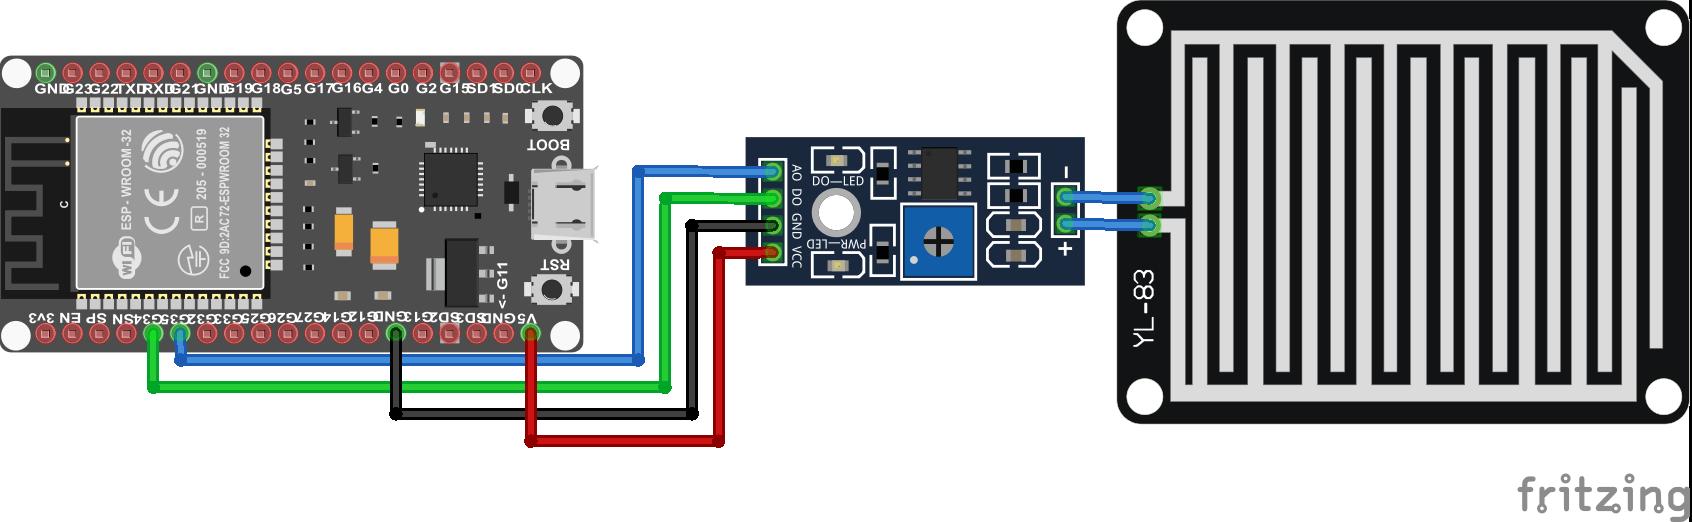 Rain Sensor ESP32 NodeMCU